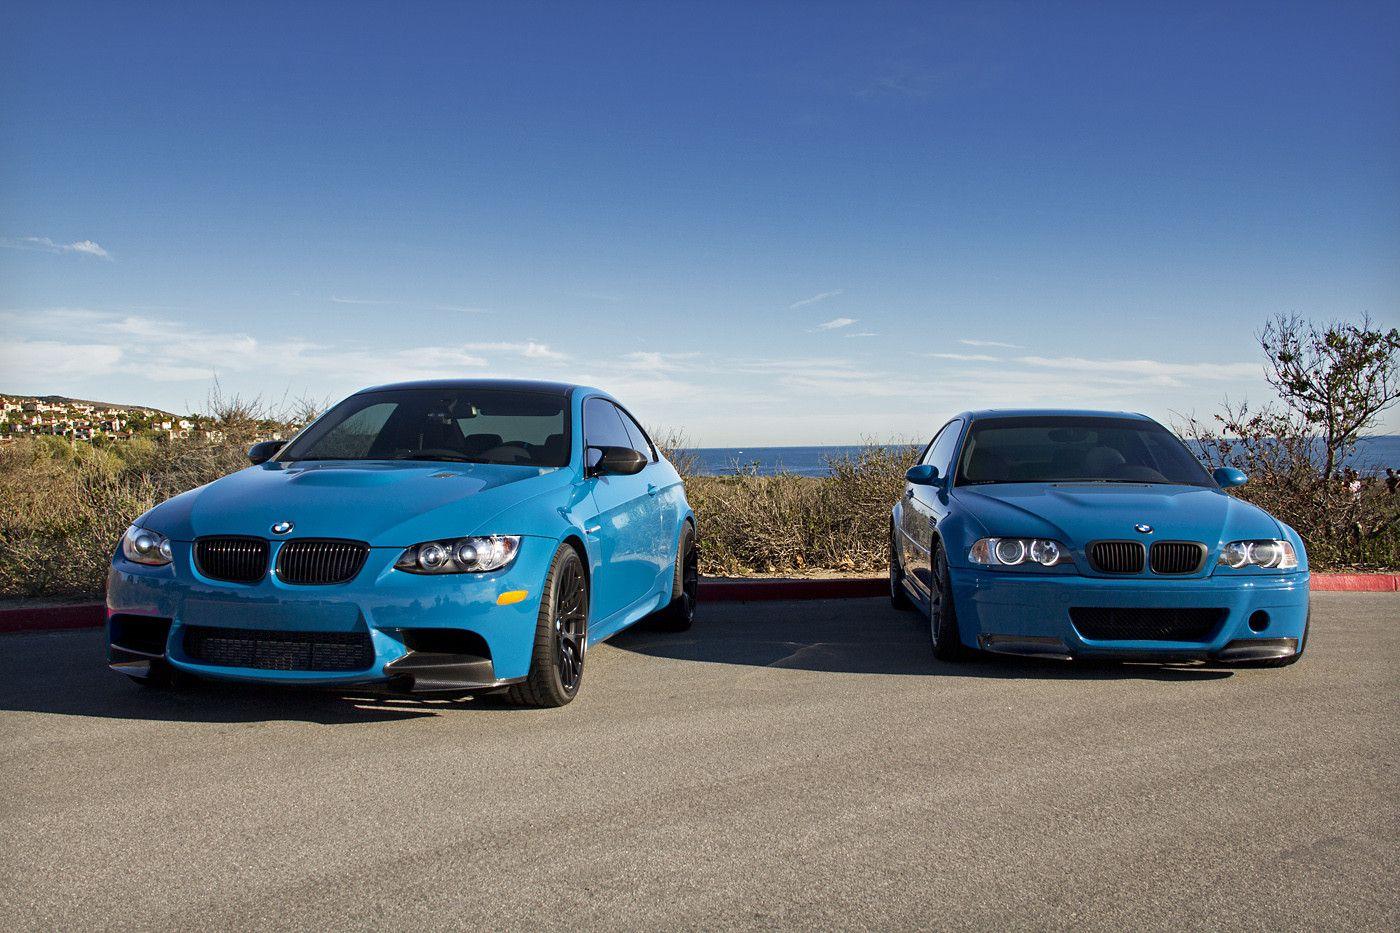 Laguna Seca Blue E92 M3 E46 M3 With Images Bmw M3 Bmw Bmw Car